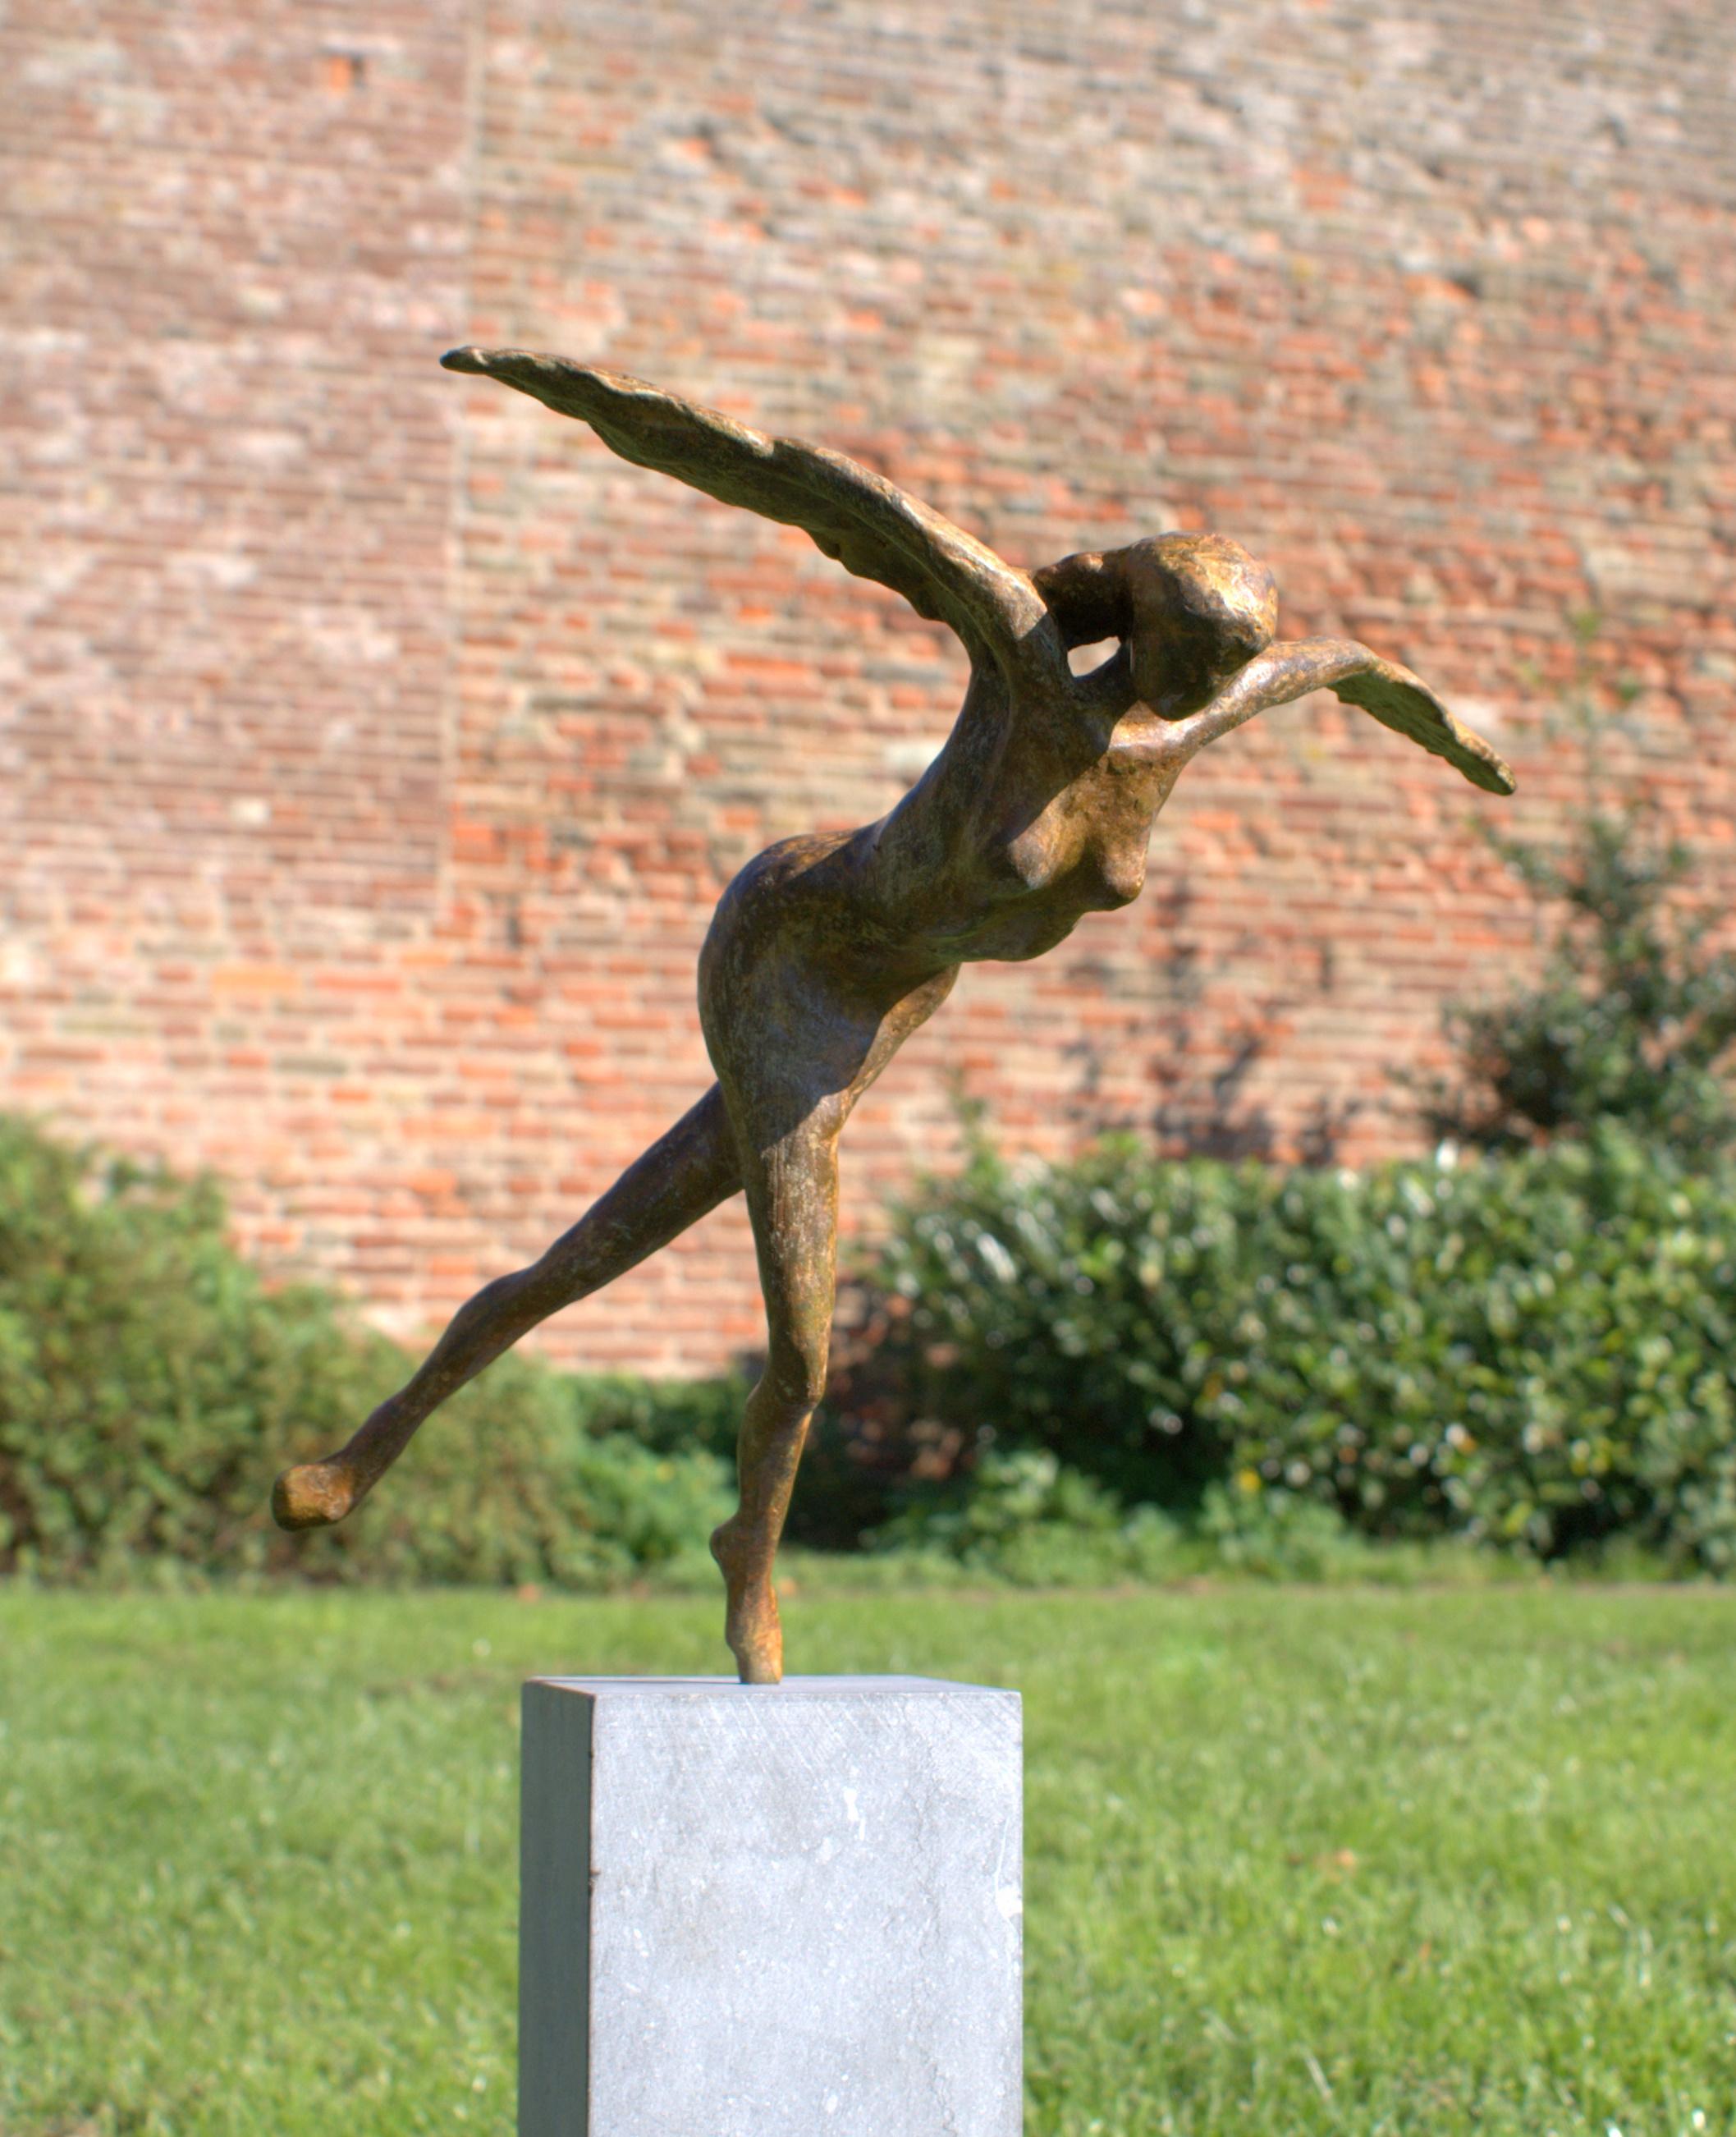 Bronzen Engelen Beelden.Beeld Brons Engel Angelo Monique Spapens Bronzen Sculpturen 3d